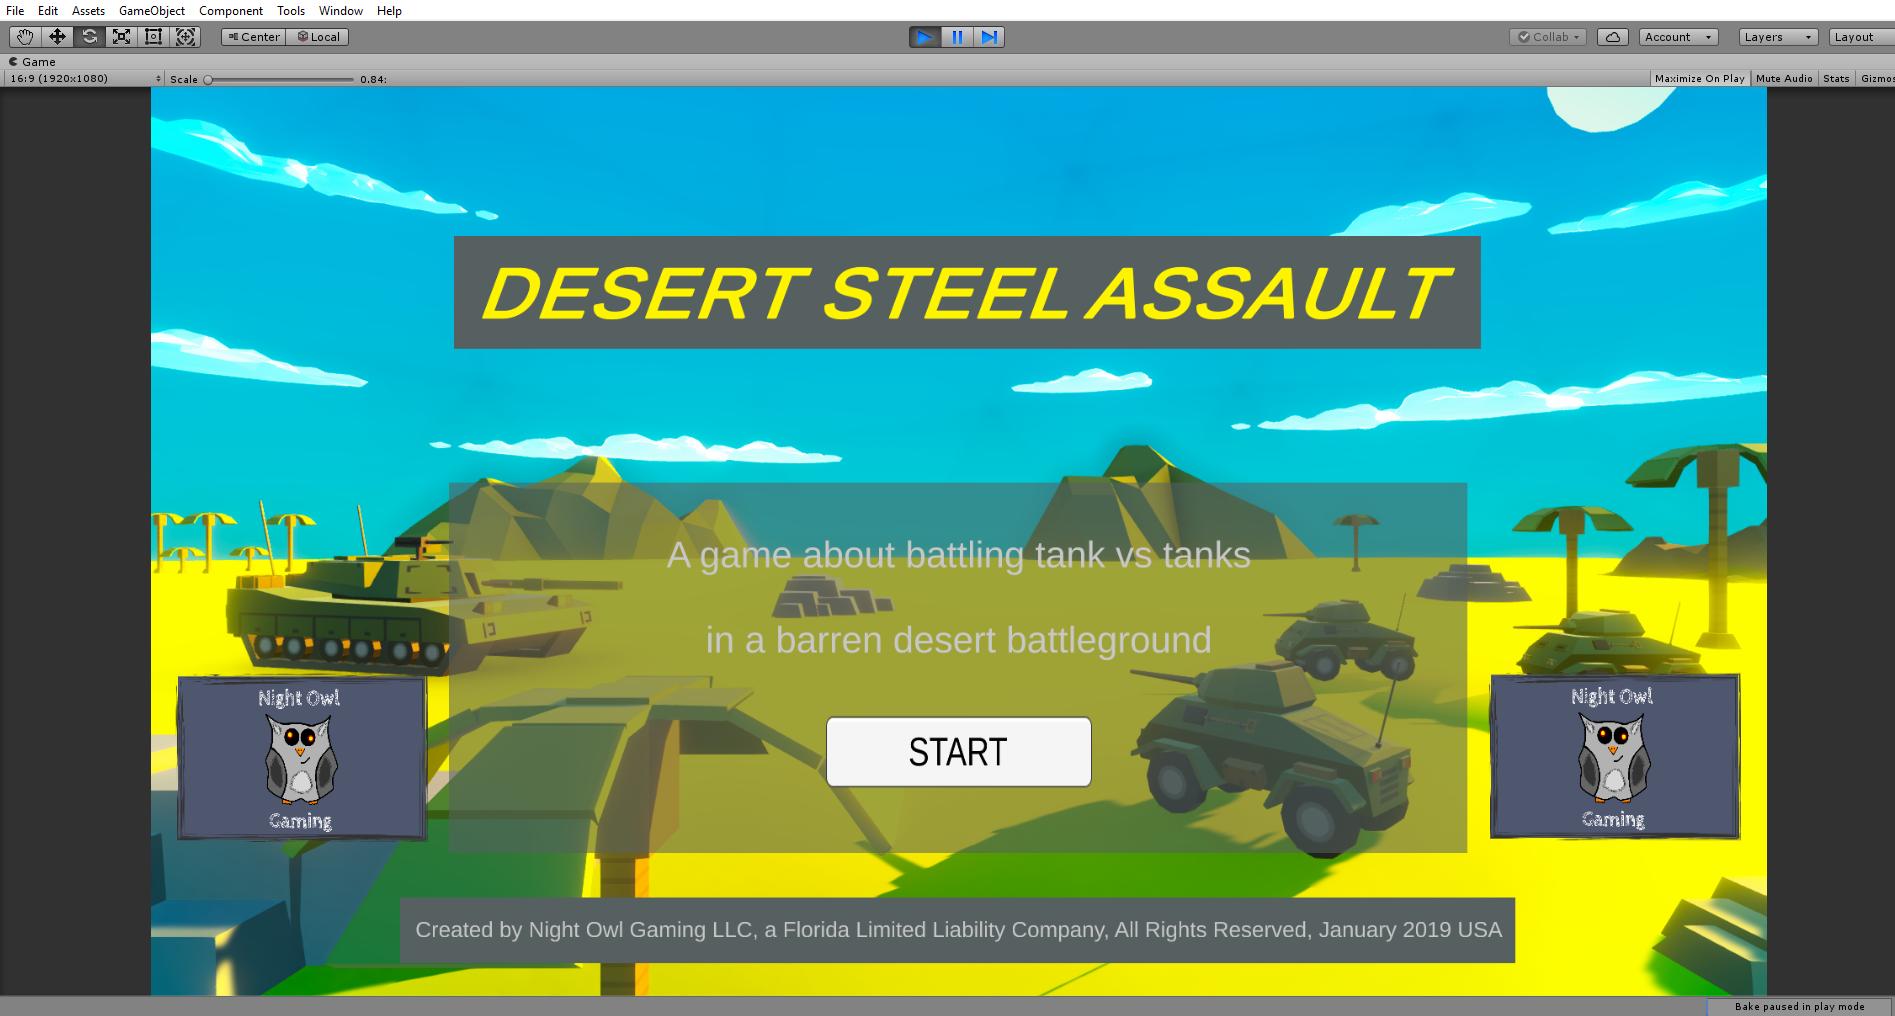 Webgame under production - Desert Steel Assault - Desert Steel